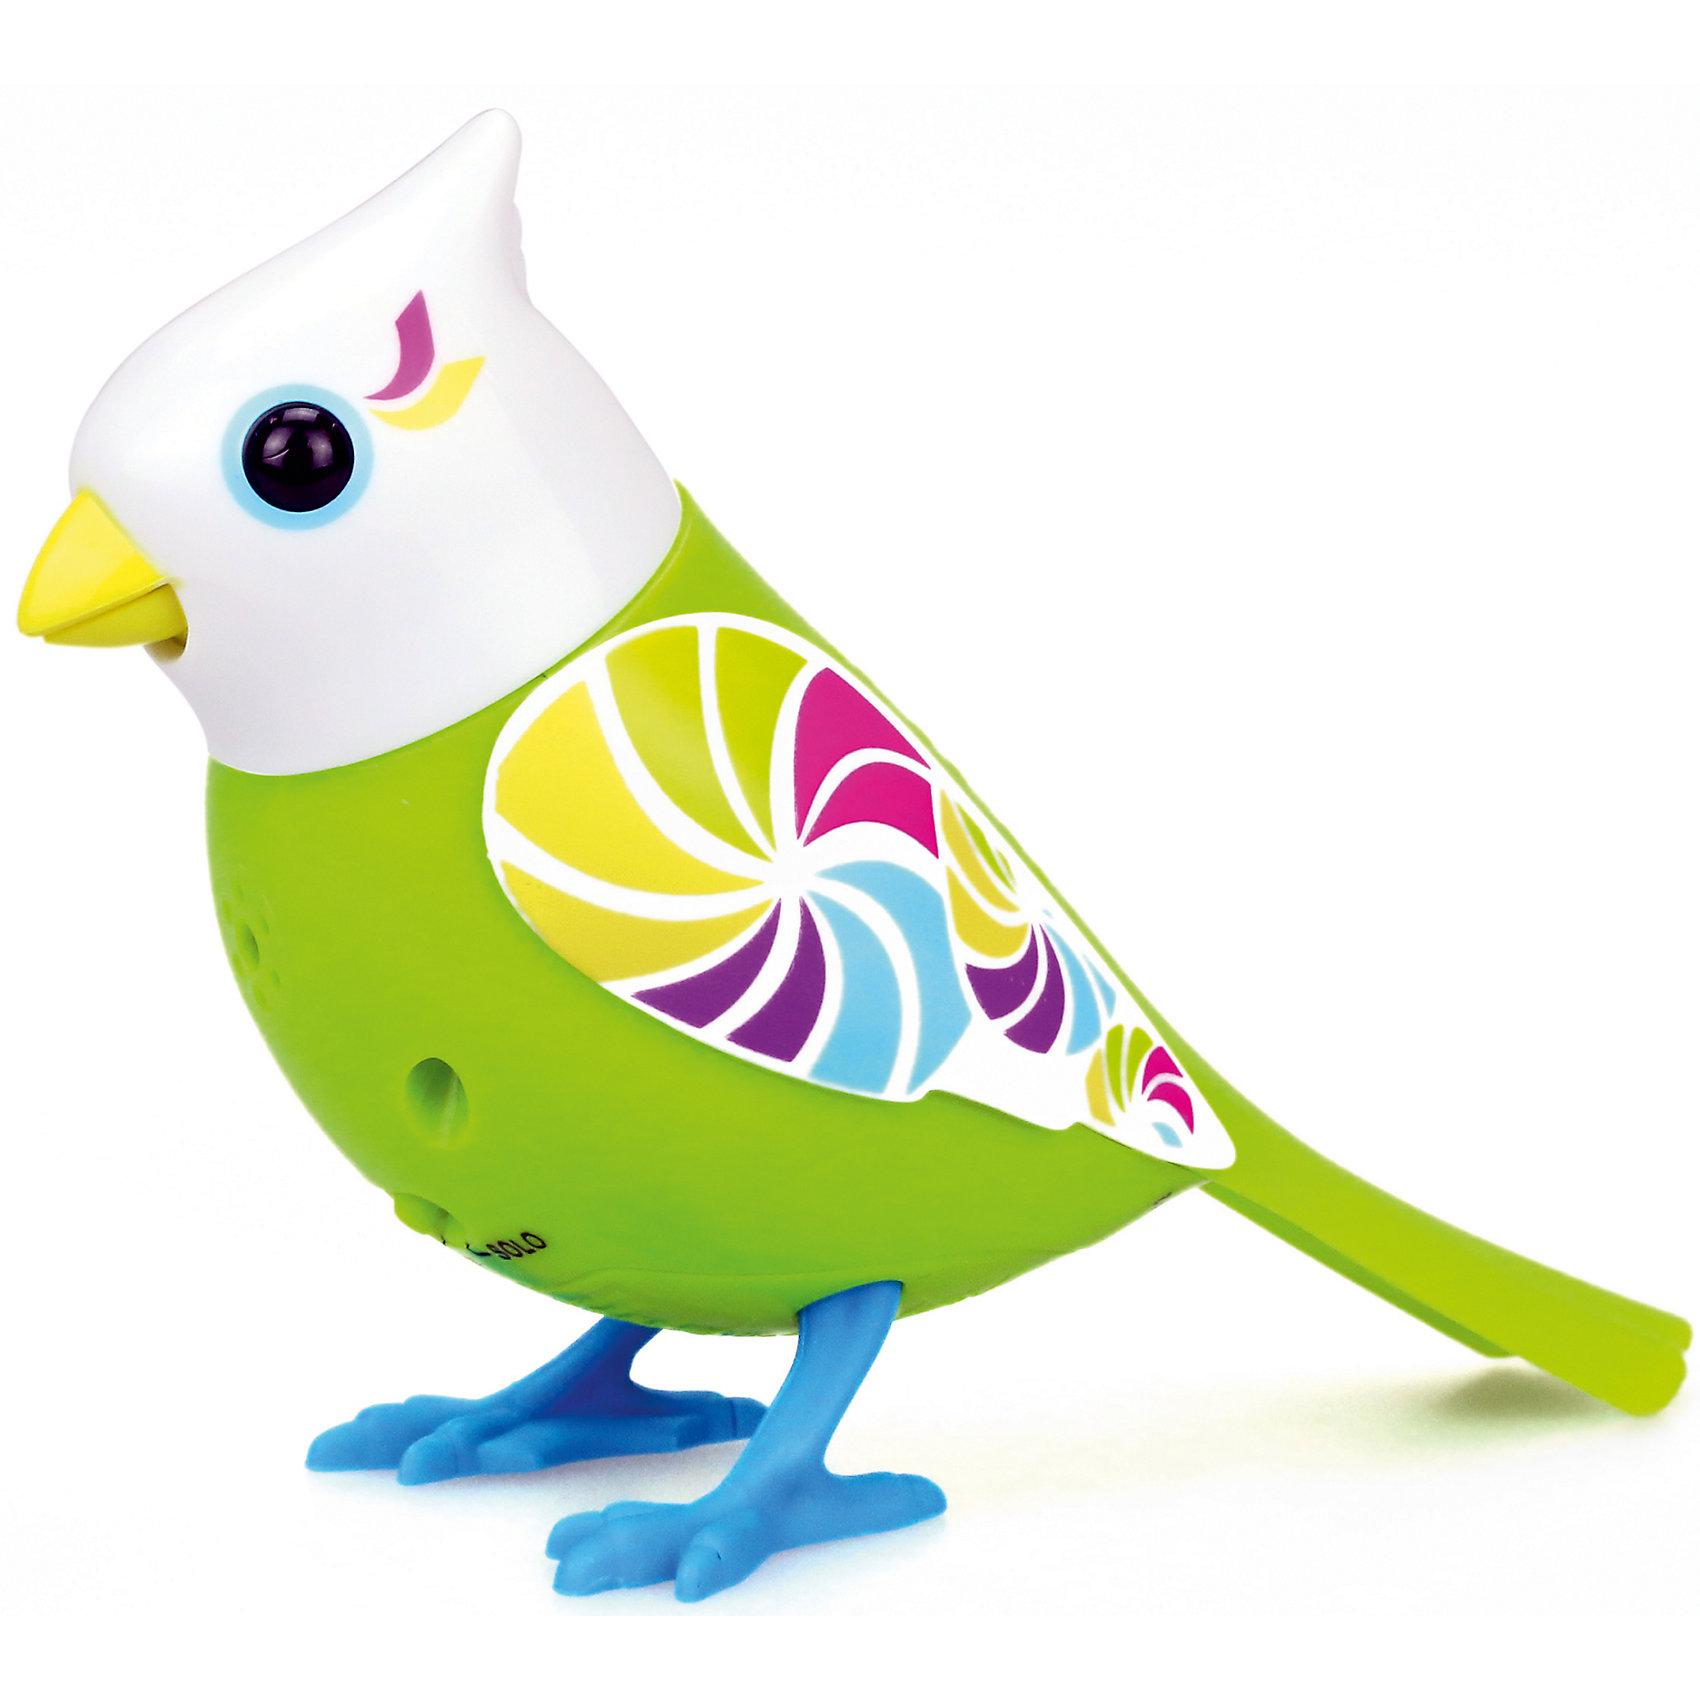 Птичка с домиком, салатовая, DigiBirdsИнтерактивные животные<br>Характеристики товара:<br><br>- цвет: салатовый;<br>- материал: пластик, металл;<br>- батарейки: 3xAG13/LR44, в комплекте;<br>- размер упаковки: 31х25х8 см;<br>- умеет петь, двигать крыльями, открывать клюв.<br><br>Такая игрушка в виде птички поможет ребенку весело проводить время - она умеет петь, двигать крыльями, открывать клюв. Это выглядит очень забавно! Игрушка реагирует на звук от специального свистка, который входит в комплект, или на дуновение. Также можно приобрести другие игрушки из этой серии - тогда они будут петь хором!<br>Птичка способна помогать всестороннему развитию ребенка: развивать тактильное восприятие, мелкую моторику, воображение, внимание и логику. Изделие произведено из качественных материалов, безопасных для ребенка. Набор станет отличным подарком детям!<br><br>Игрушку Птичка с домиком, салатовая от бренда DigiBirds можно купить в нашем интернет-магазине.<br><br>Ширина мм: 81<br>Глубина мм: 248<br>Высота мм: 305<br>Вес г: 533<br>Возраст от месяцев: 36<br>Возраст до месяцев: 2147483647<br>Пол: Унисекс<br>Возраст: Детский<br>SKU: 5156842